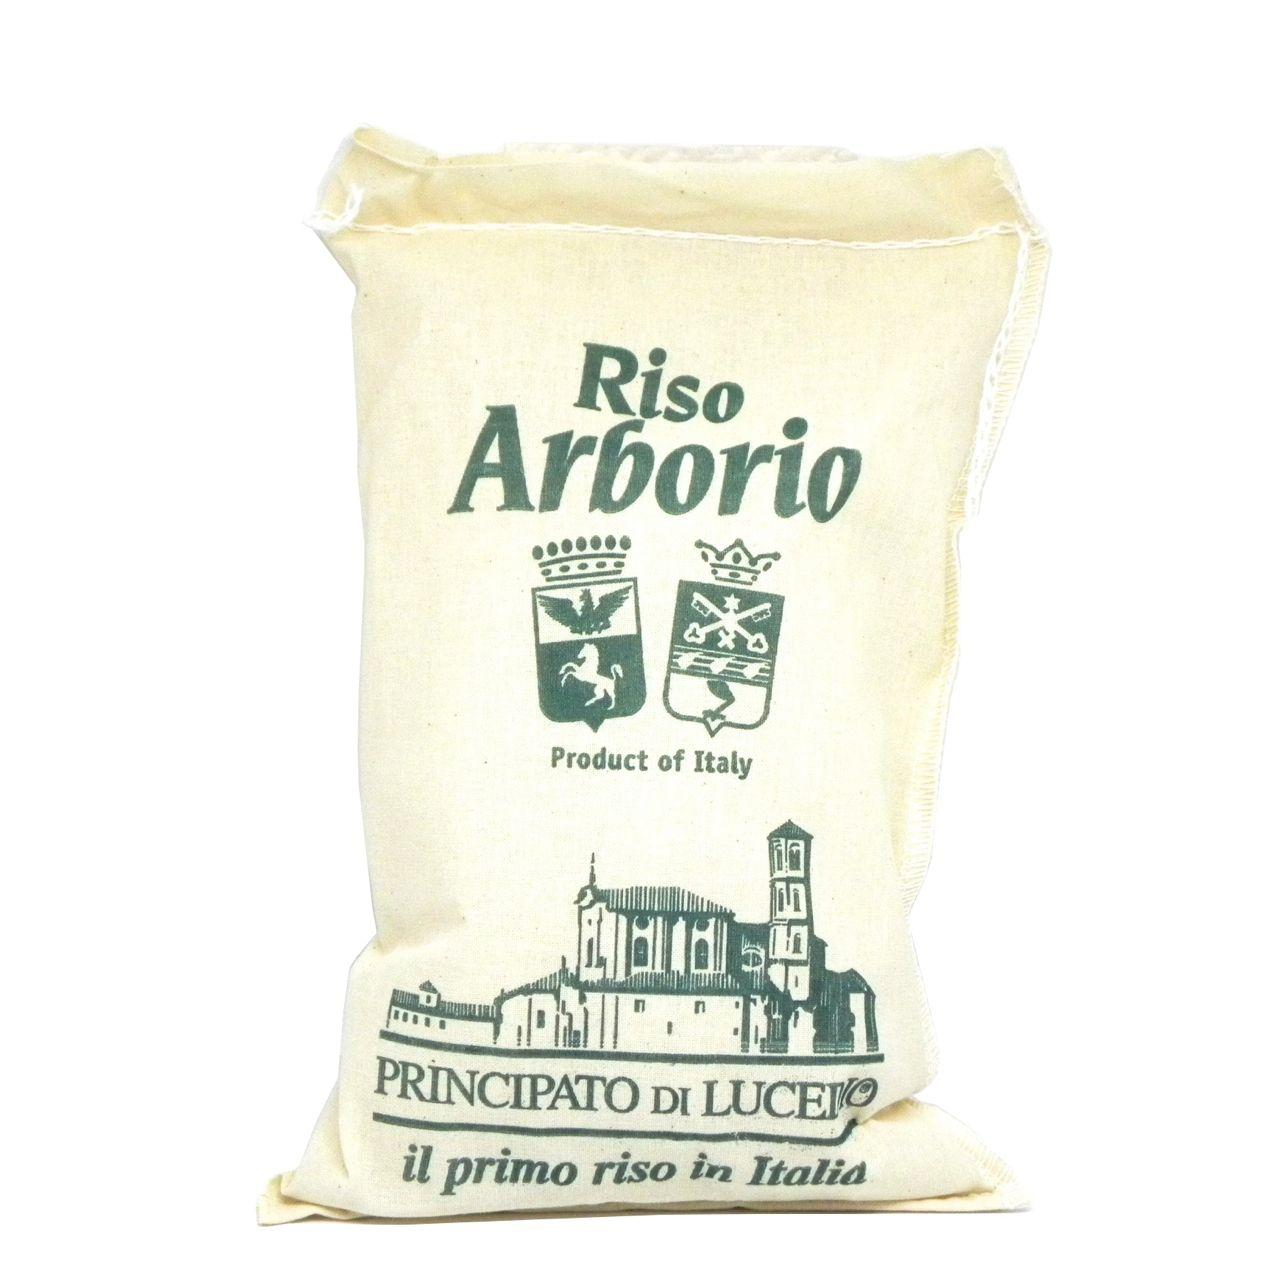 Riso arborio Principato di Lucedio – Arborio rice Principato di Lucedio – Gustorotondo – Italian food boutique